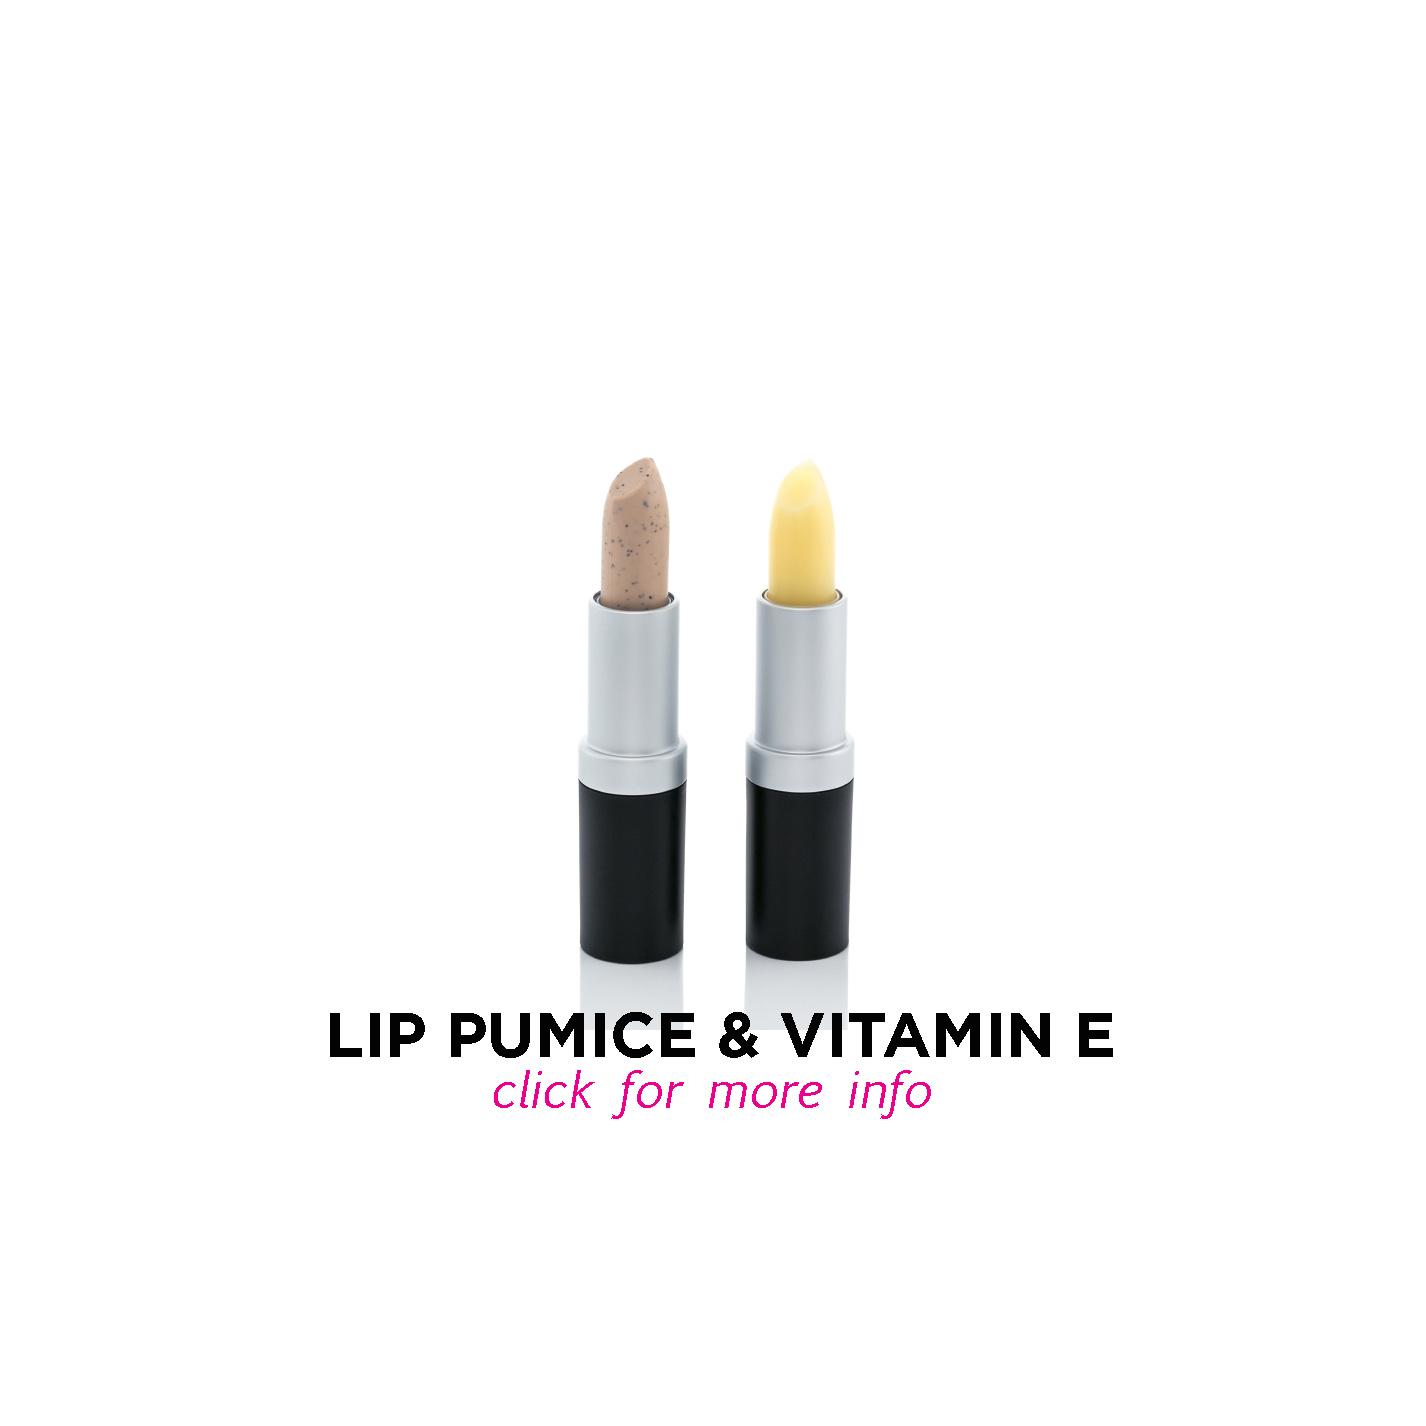 Lip Pumice & Vitamin E